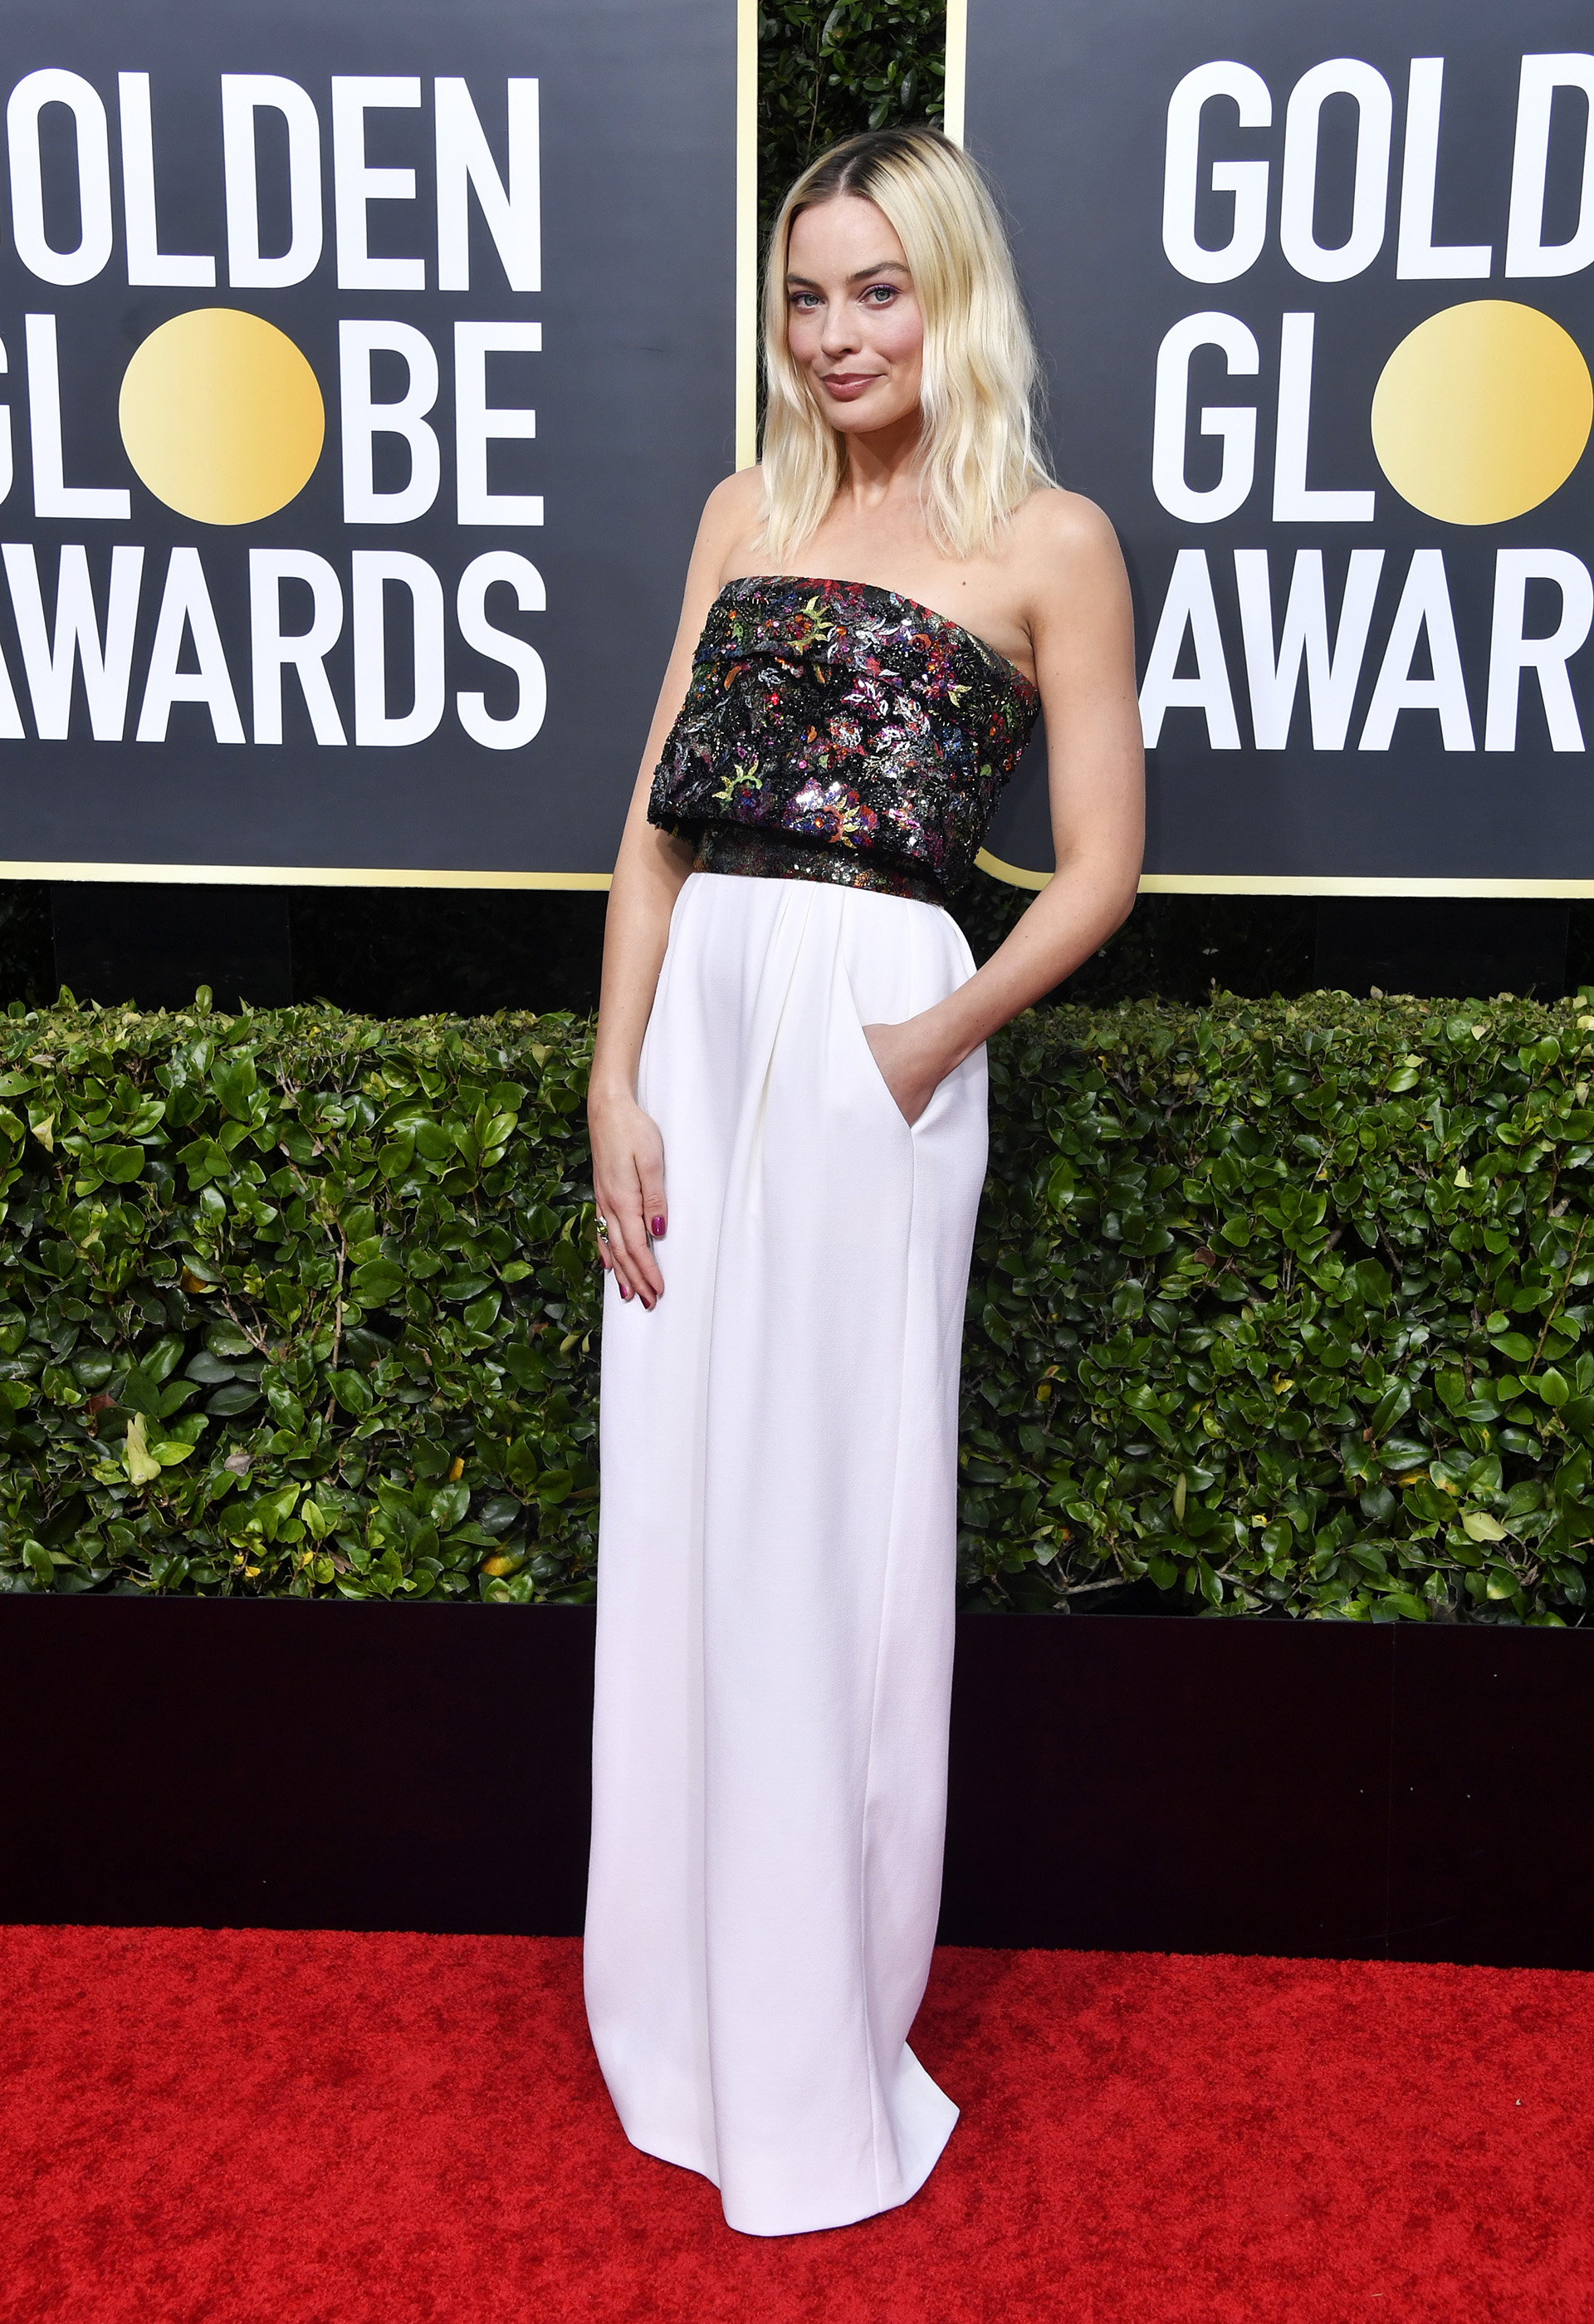 Margot Robbie optó por un vestido que combinó la tendencia del blanco con las lentejuelas. Un top íntegramente bordado y una falda con bolsillos by Chanel